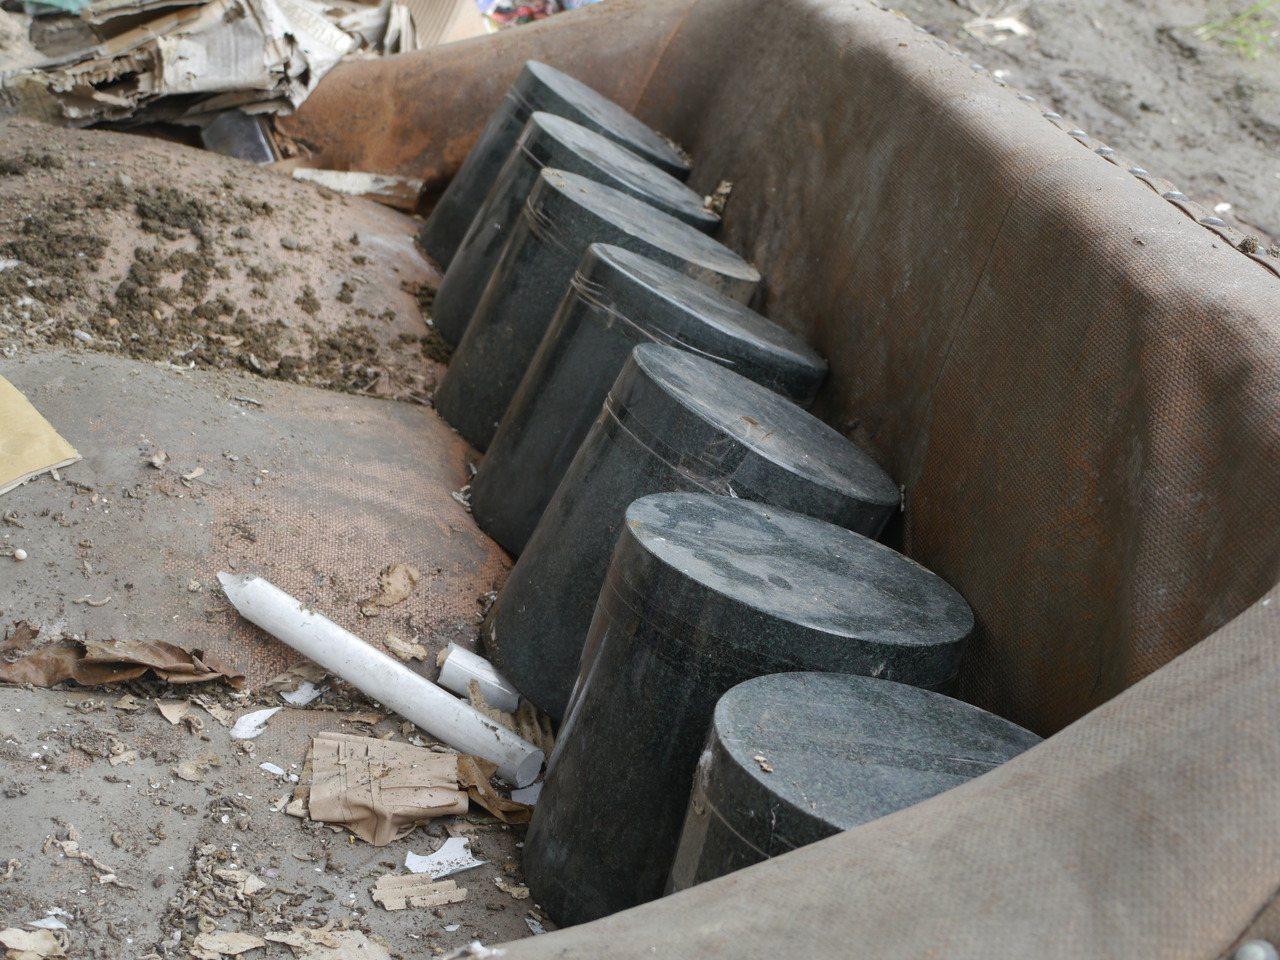 7個骨灰罈全都沒有名字,住戶懷疑是不肖殯葬業者隨意丟棄。記者徐白櫻/攝影